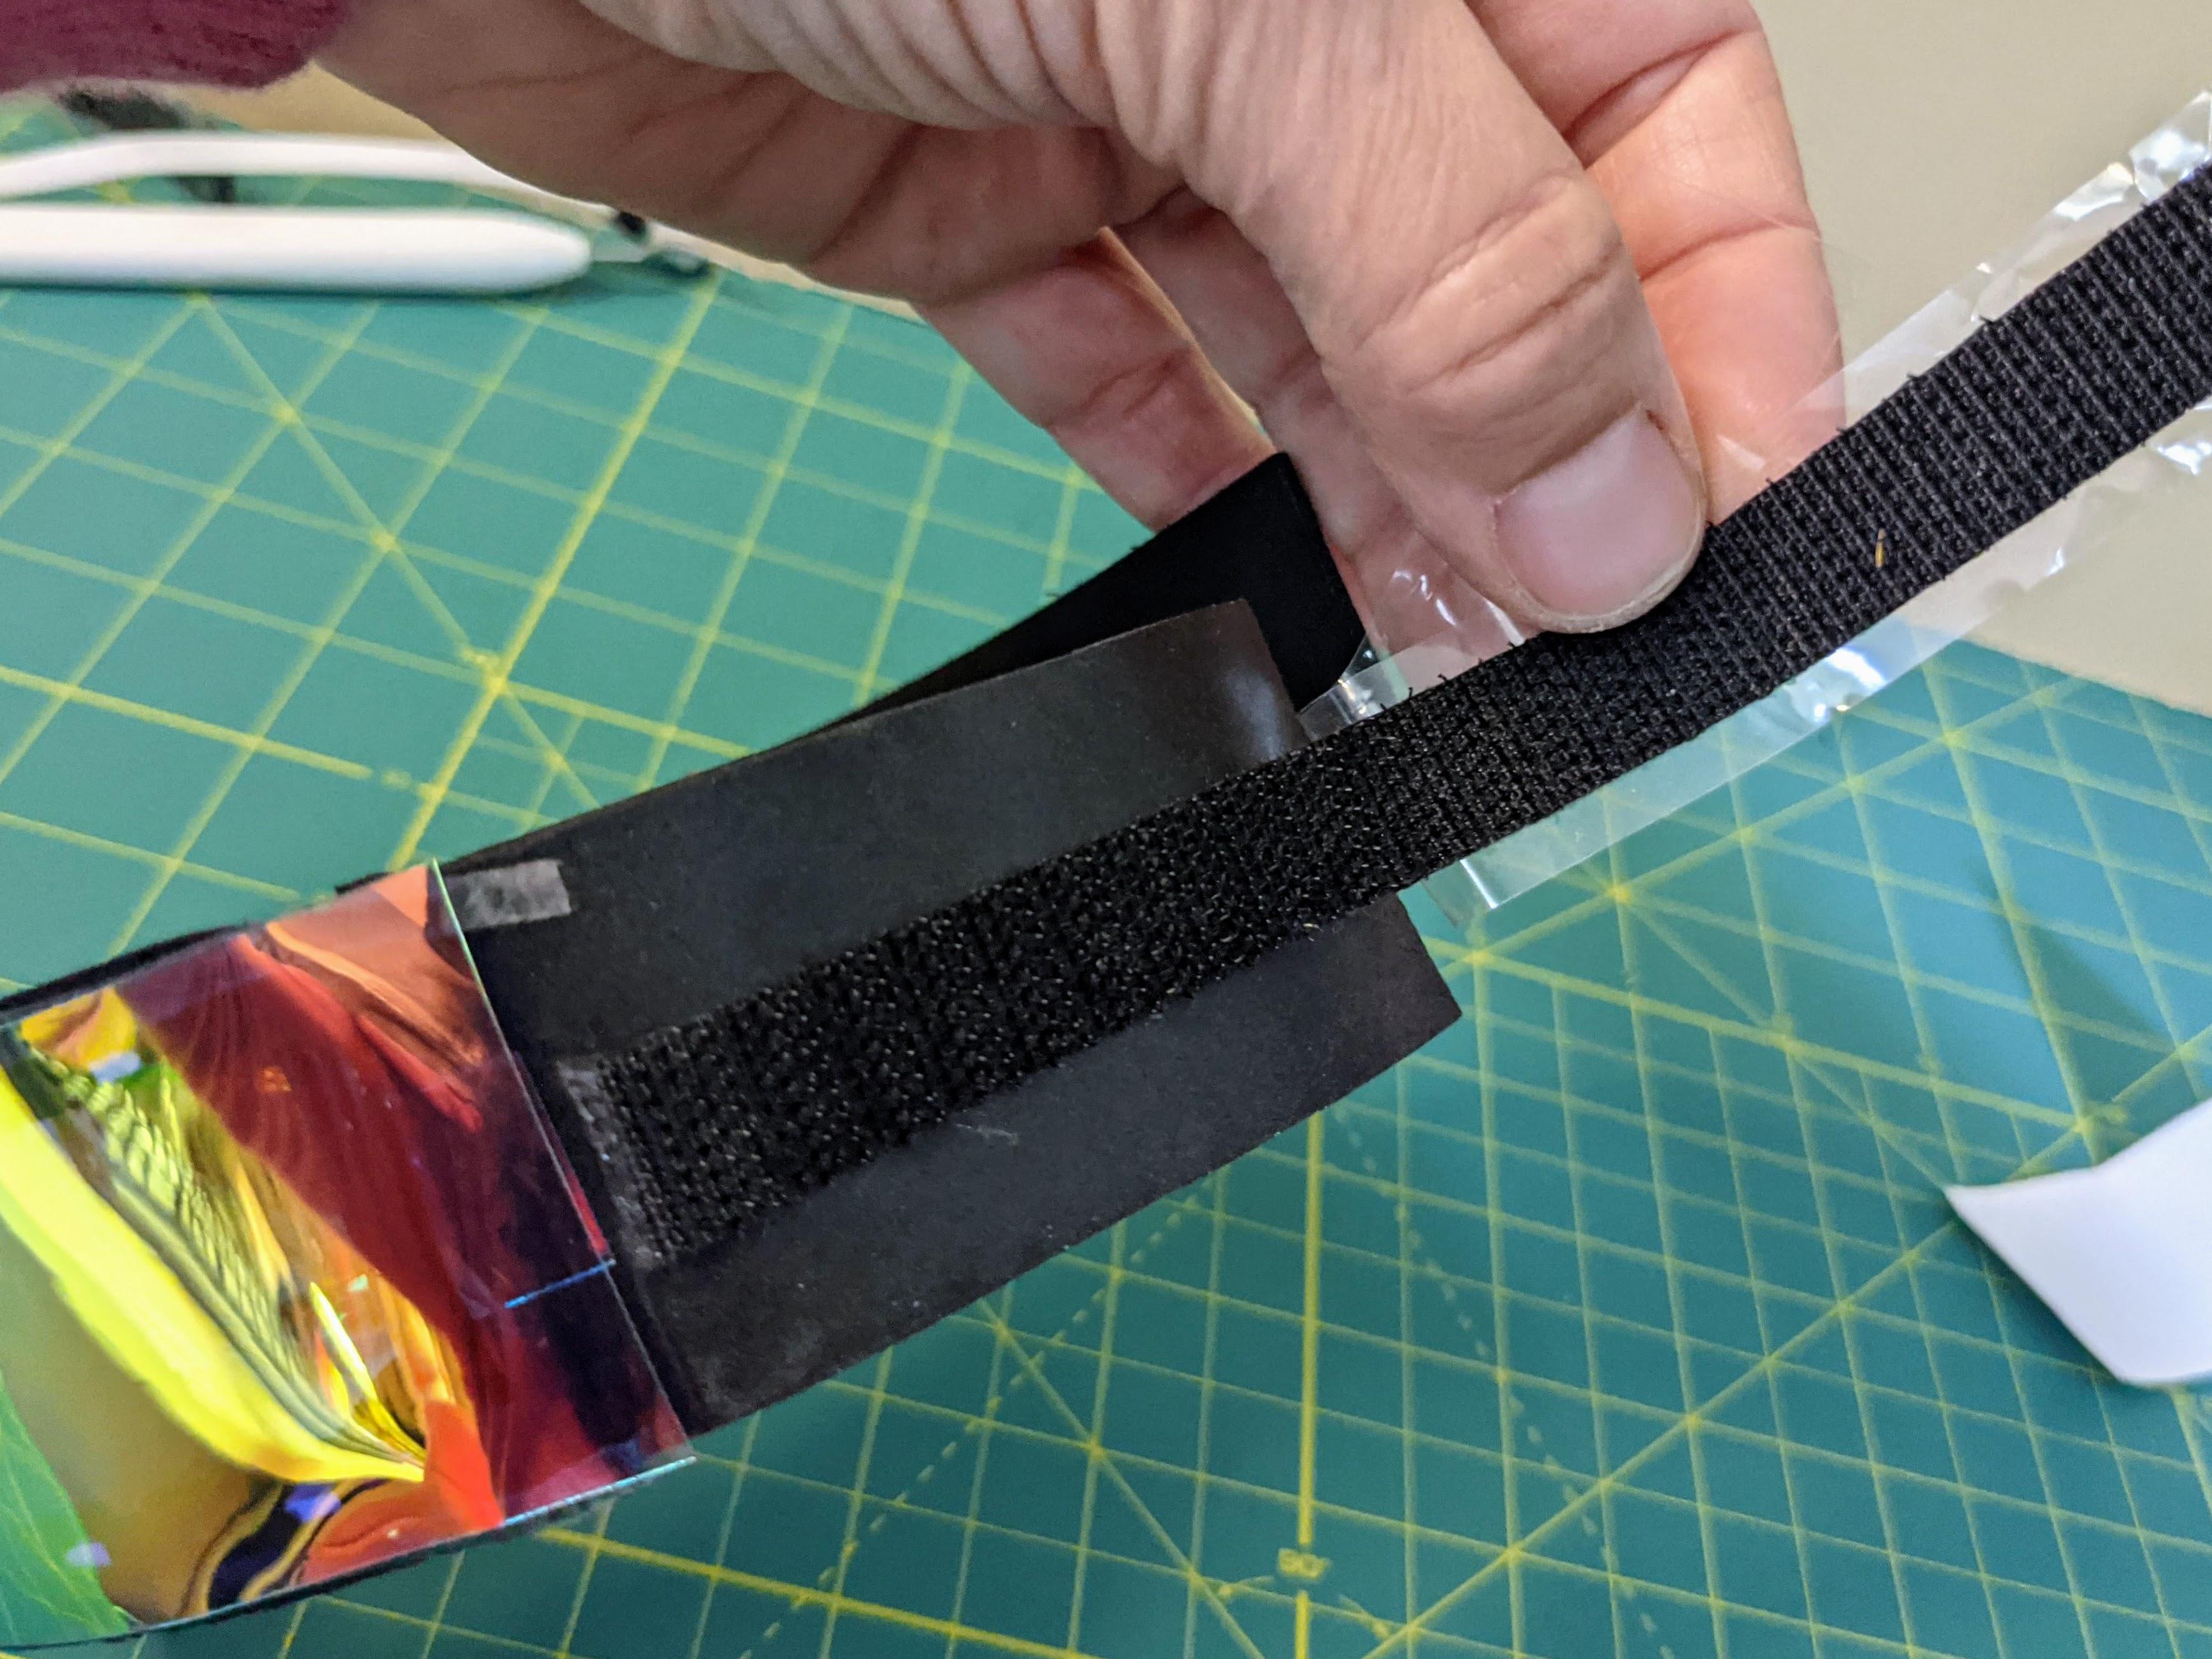 led_strips_PXL_20210125_200056450.jpg